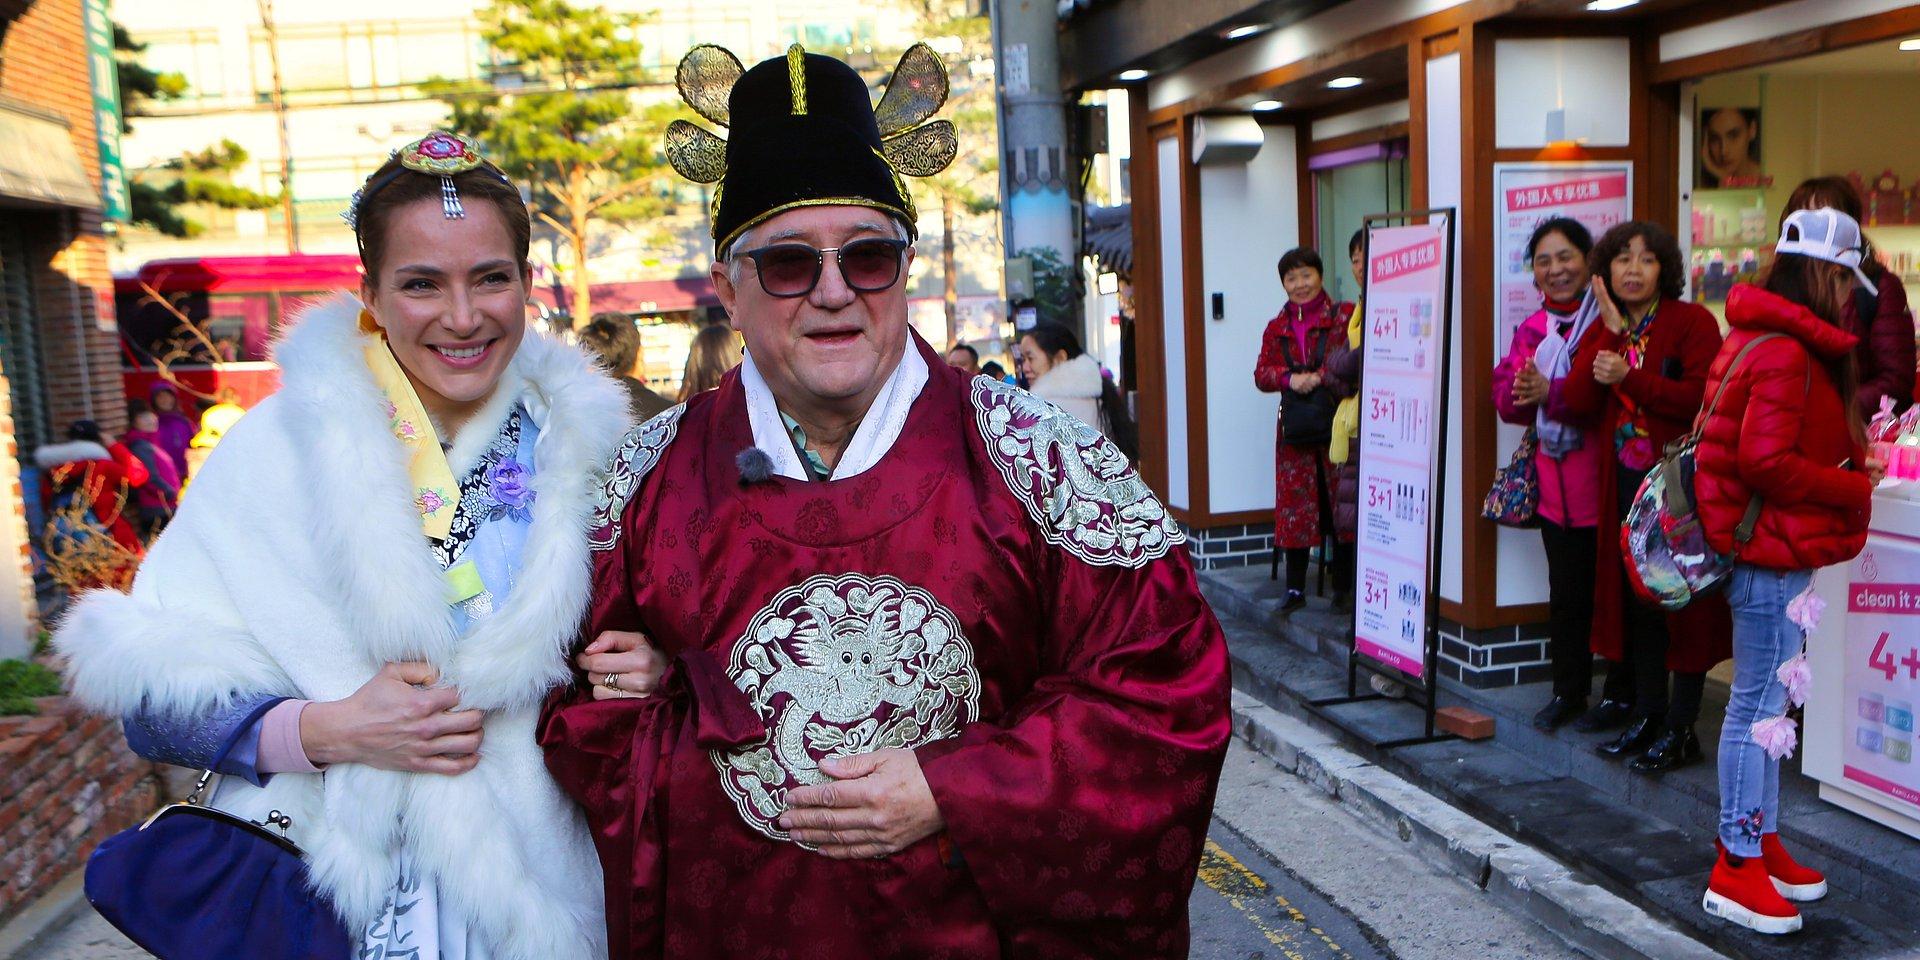 Starsza pani musi fiknąć: Pełna wzruszeń i pięknych chwil podróż Anny Dereszowskiej i jej taty Krzysztofa do Korei Południowej!